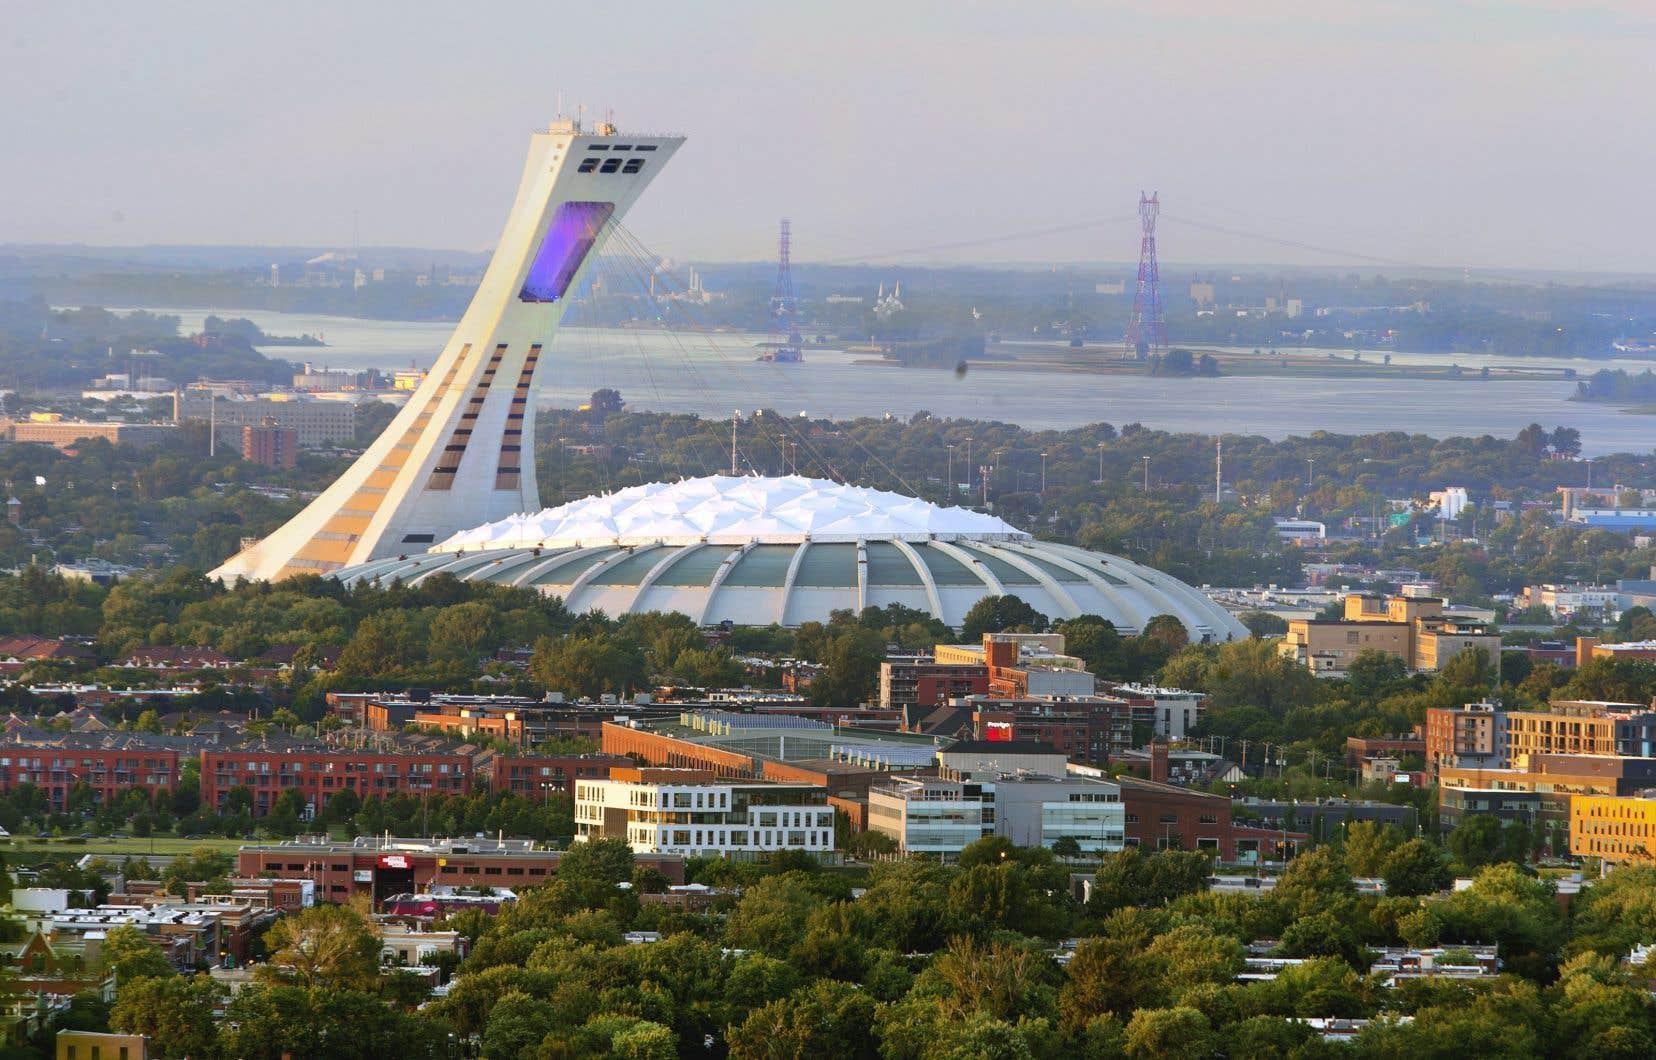 Le Stade olympique est considéré comme l'une des oeuvres marquantes del'architecte Roger Taillibert.